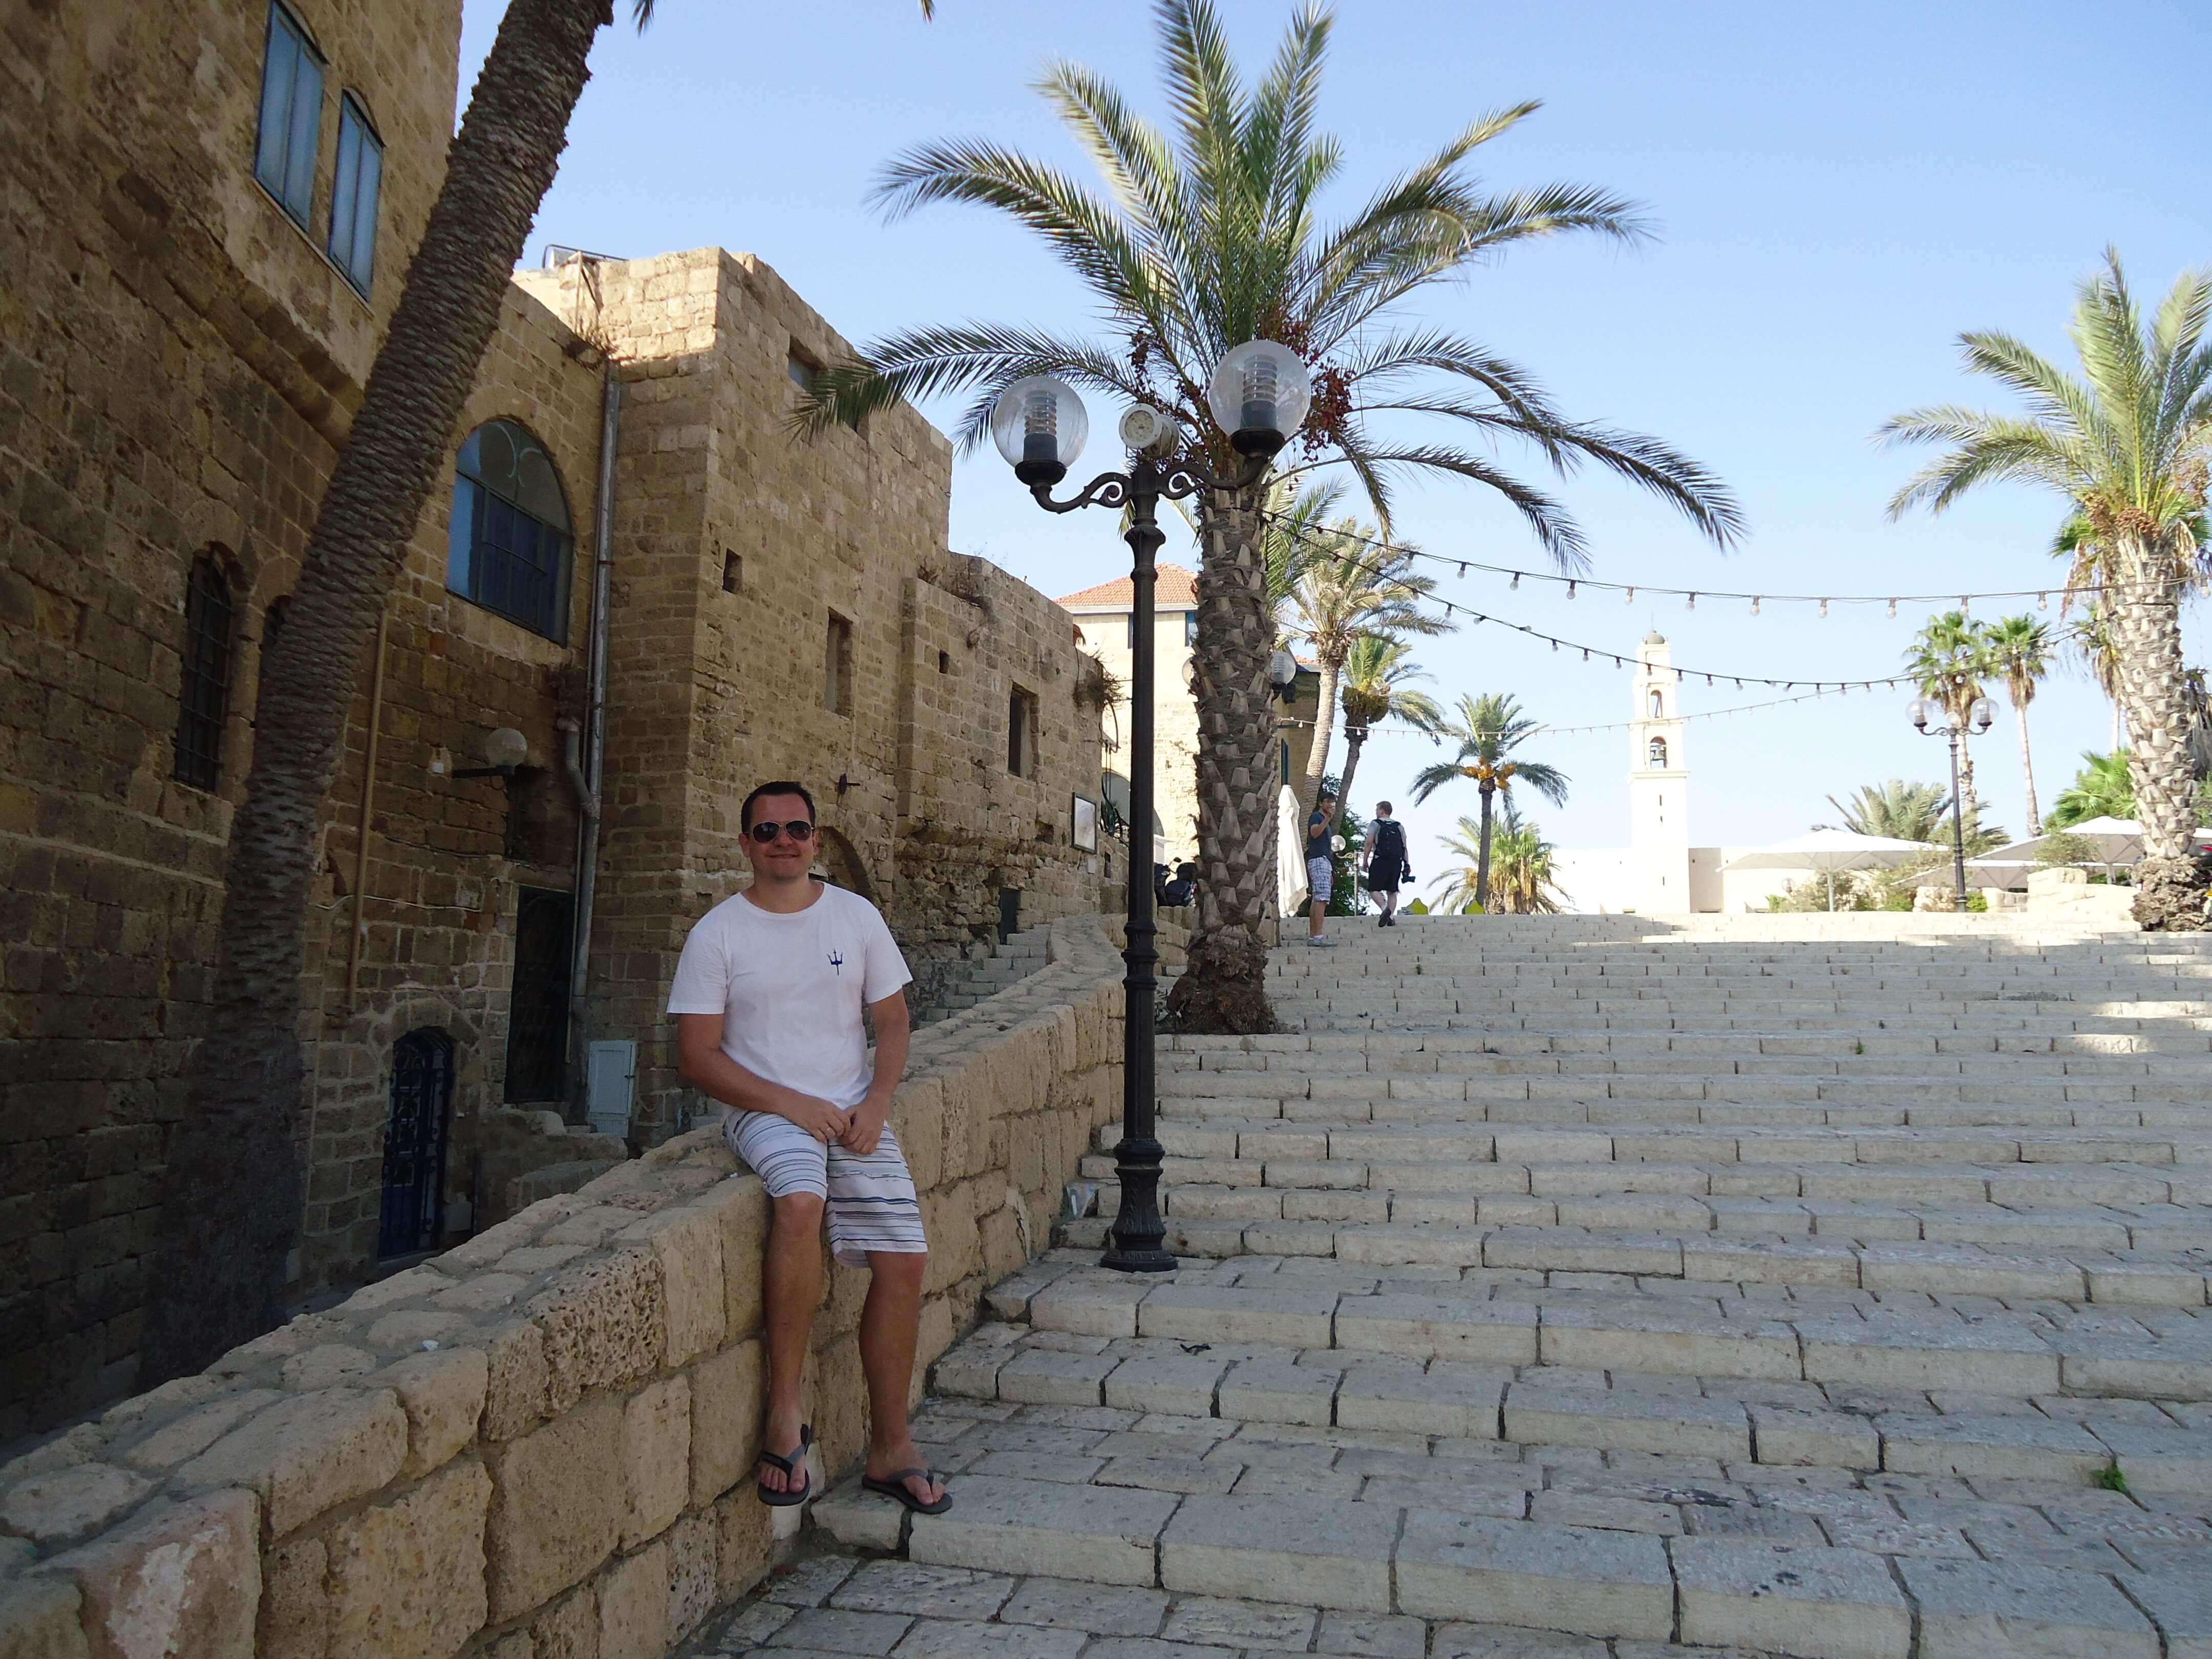 Escadaria em Jaffa